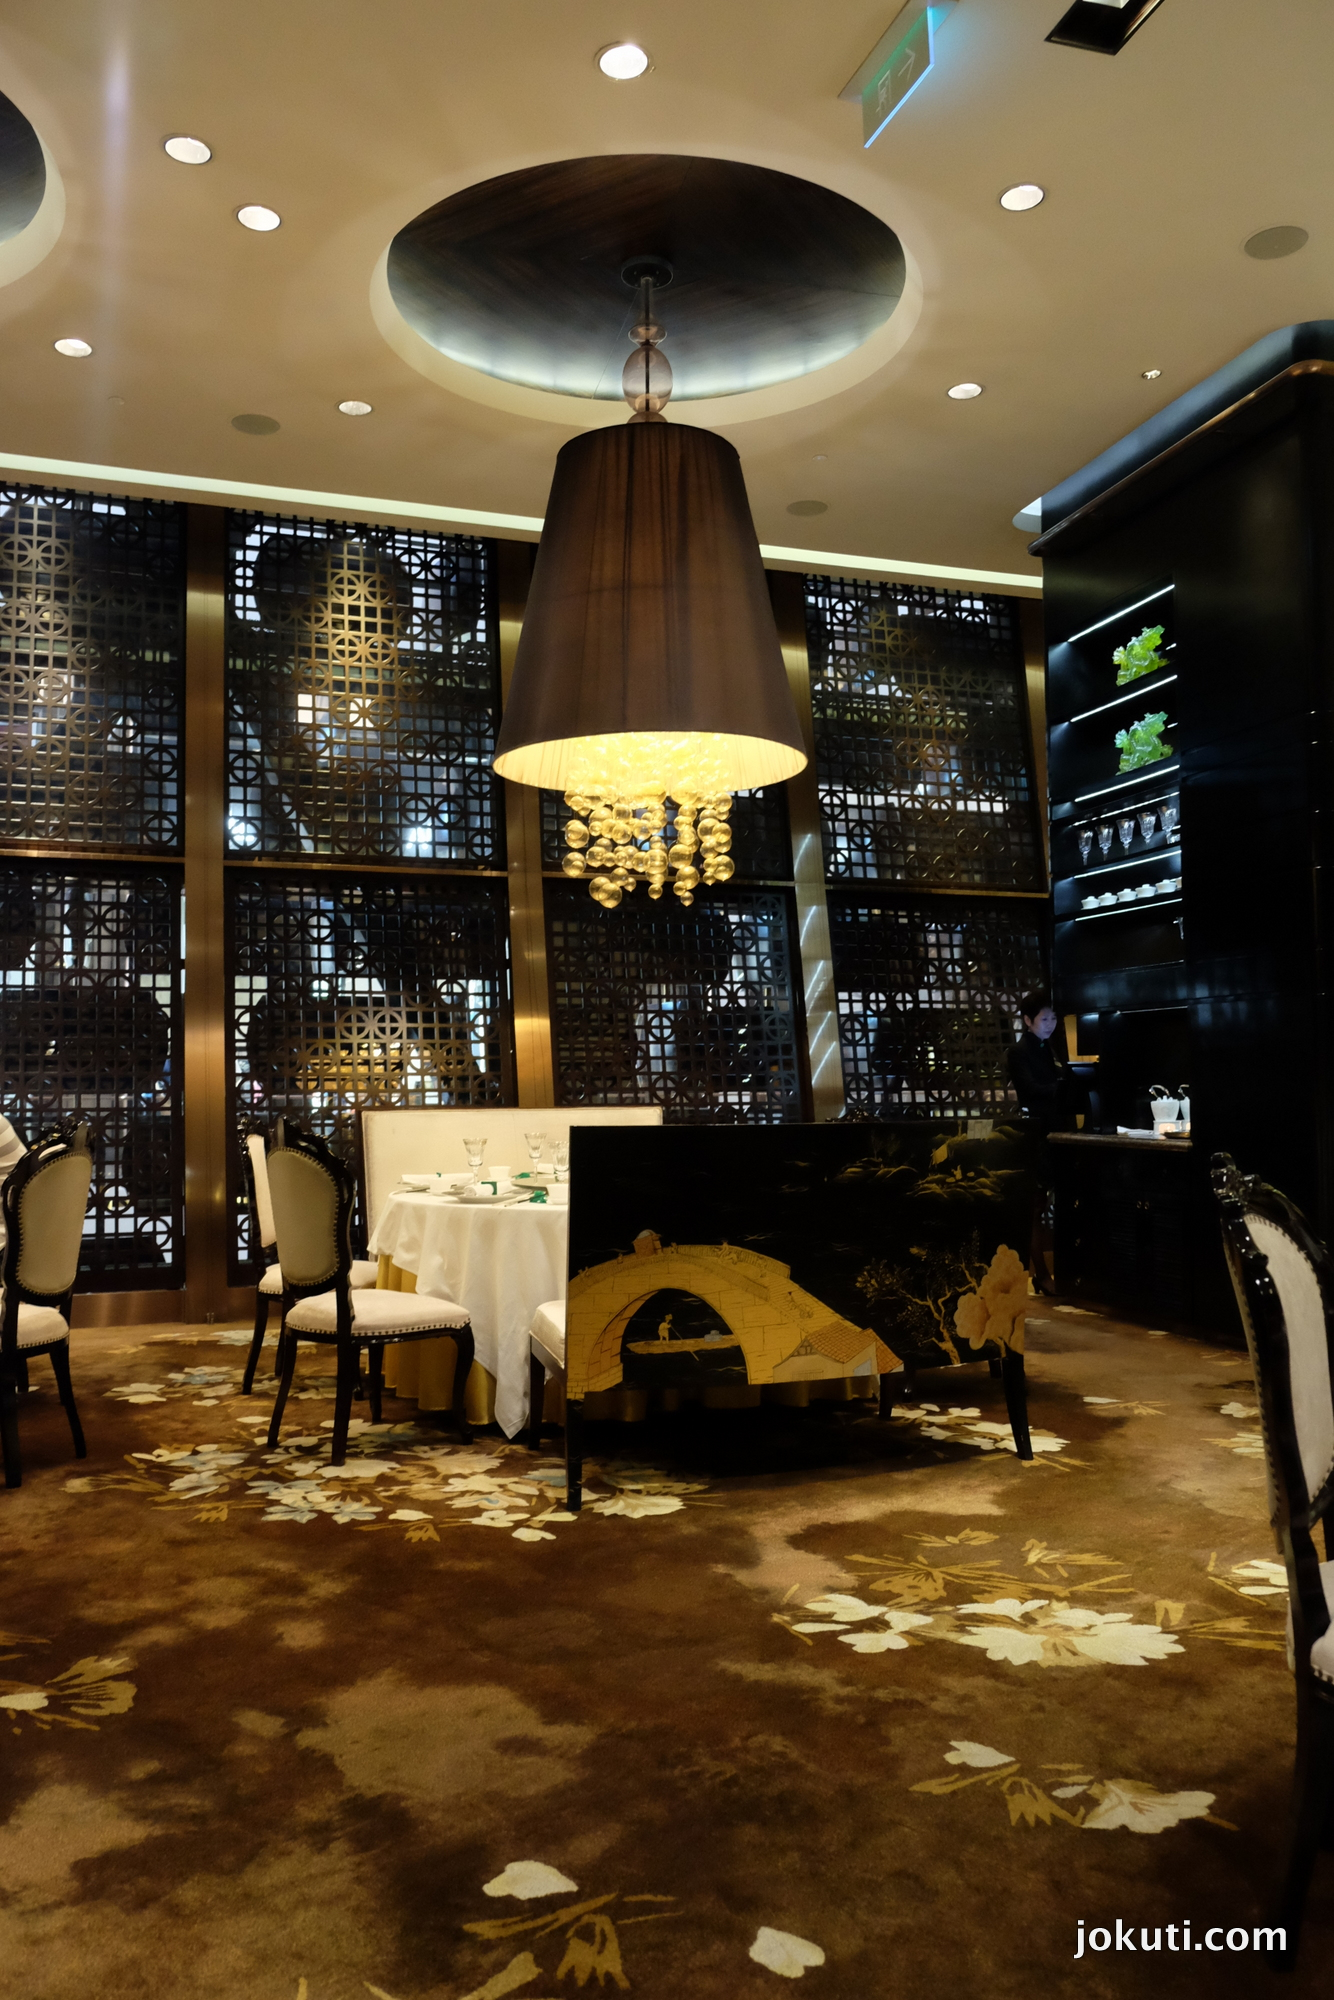 dscf6821_jade_dragon_restaurant_cantonese_chinese_michelin_macau_makao_china_kinai_vilagevo_jokuti.jpg